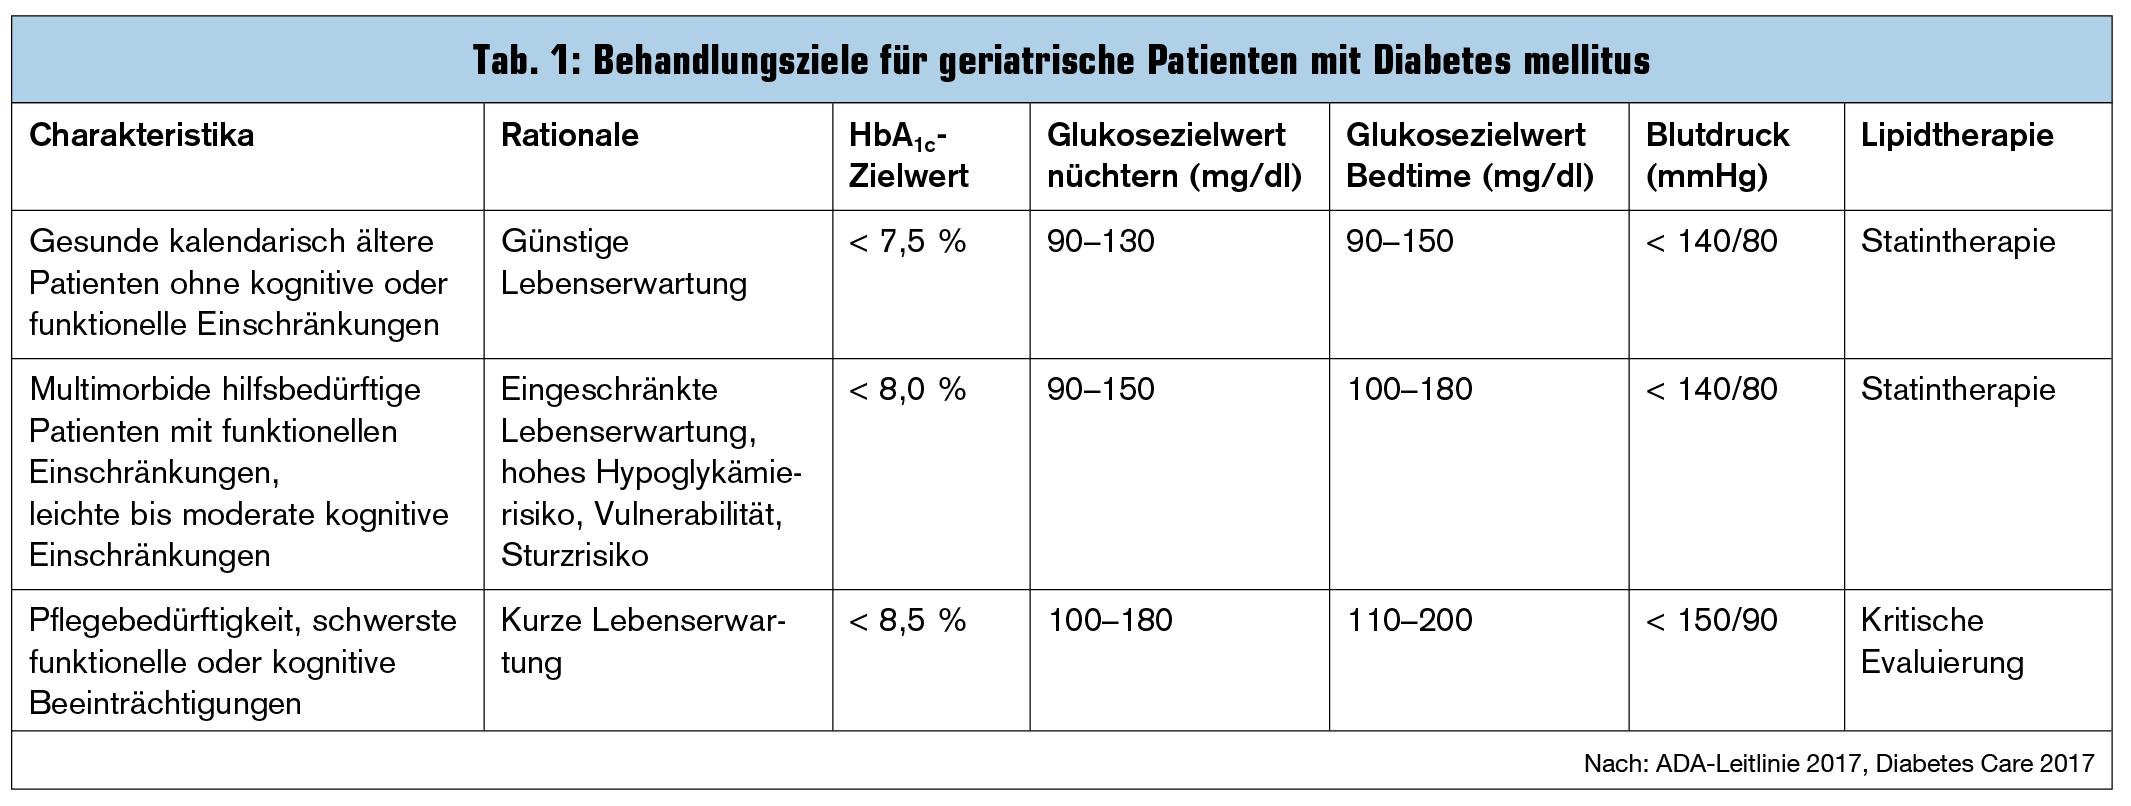 alte taschenuhr tradjenta diabetes